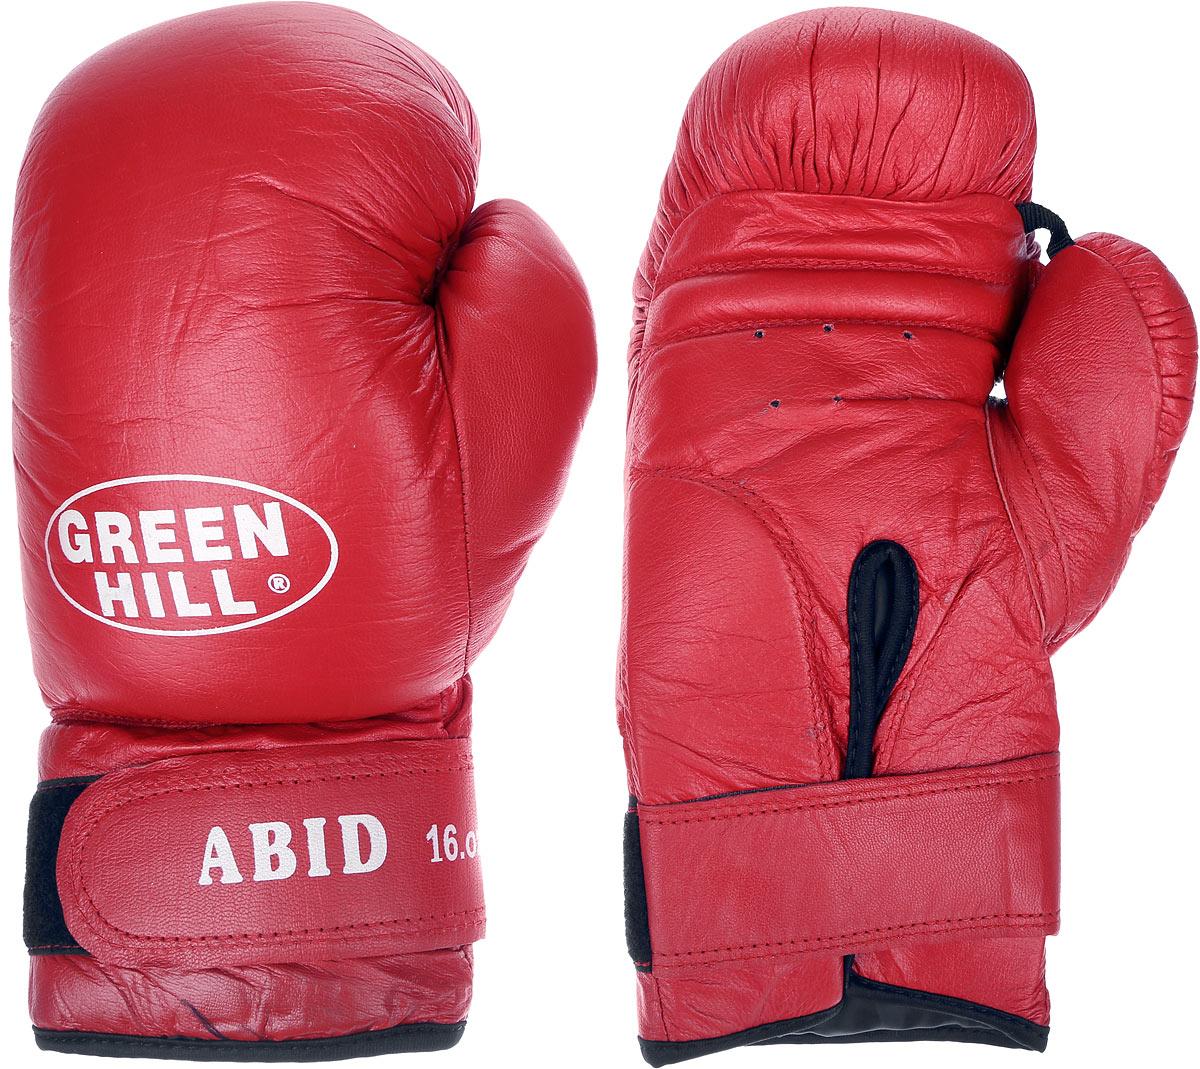 Перчатки боксерские Green Hill Abid, цвет: красный, белый. Вес 16 унцийADICSG041Боксерские тренировочные перчатки Green Hill Abid выполнены из натуральной кожи. Они отлично подойдут для начинающих спортсменов. Мягкий наполнитель из очеса предотвращает любые травмы. Отверстия в районе ладони обеспечивают вентиляцию. Широкий ремень, охватывая запястье, полностью оборачивается вокруг манжеты, благодаря чему создается дополнительная защита лучезапястного сустава от травмирования. Застежка на липучке способствует быстрому и удобному одеванию перчаток, плотно фиксирует перчатки на руке.